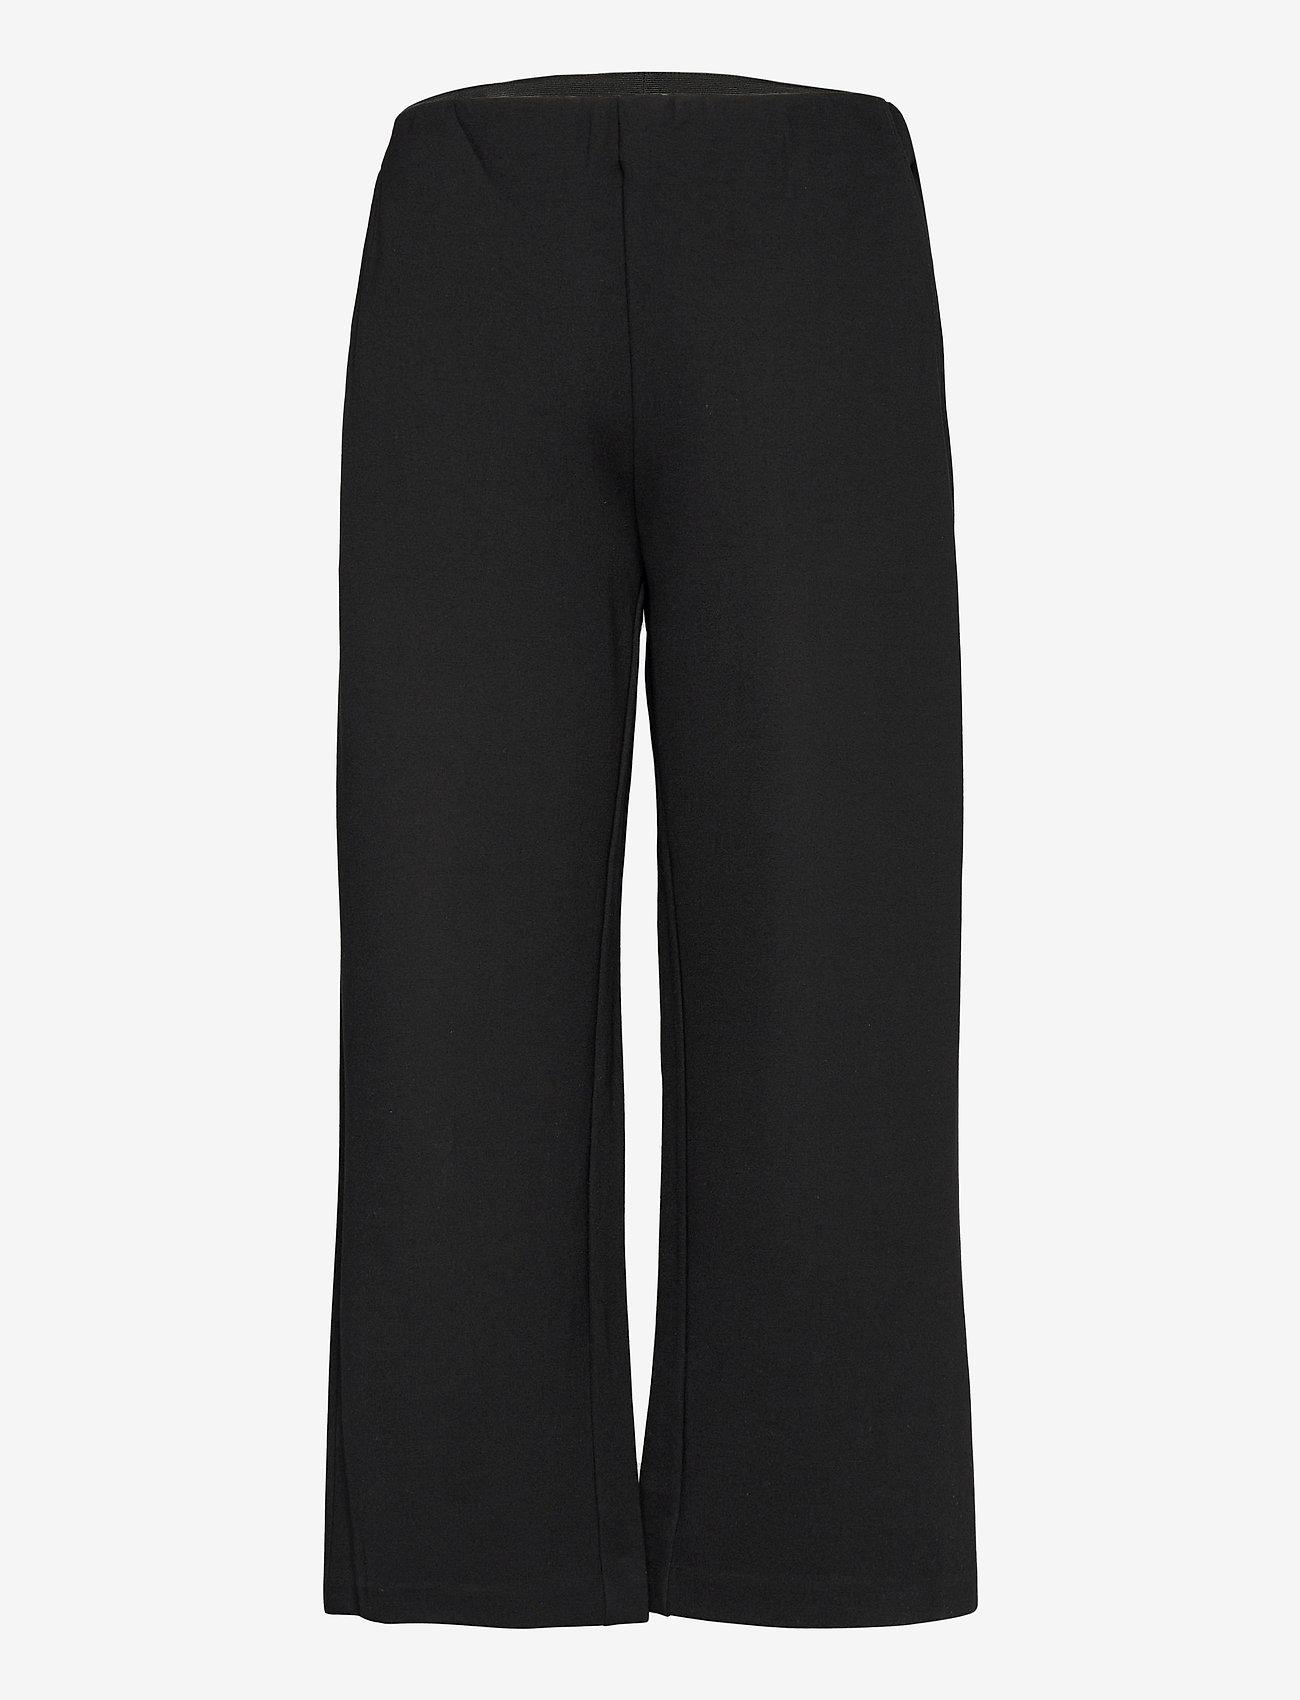 Masai - Piri - spodnie szerokie - black - 1